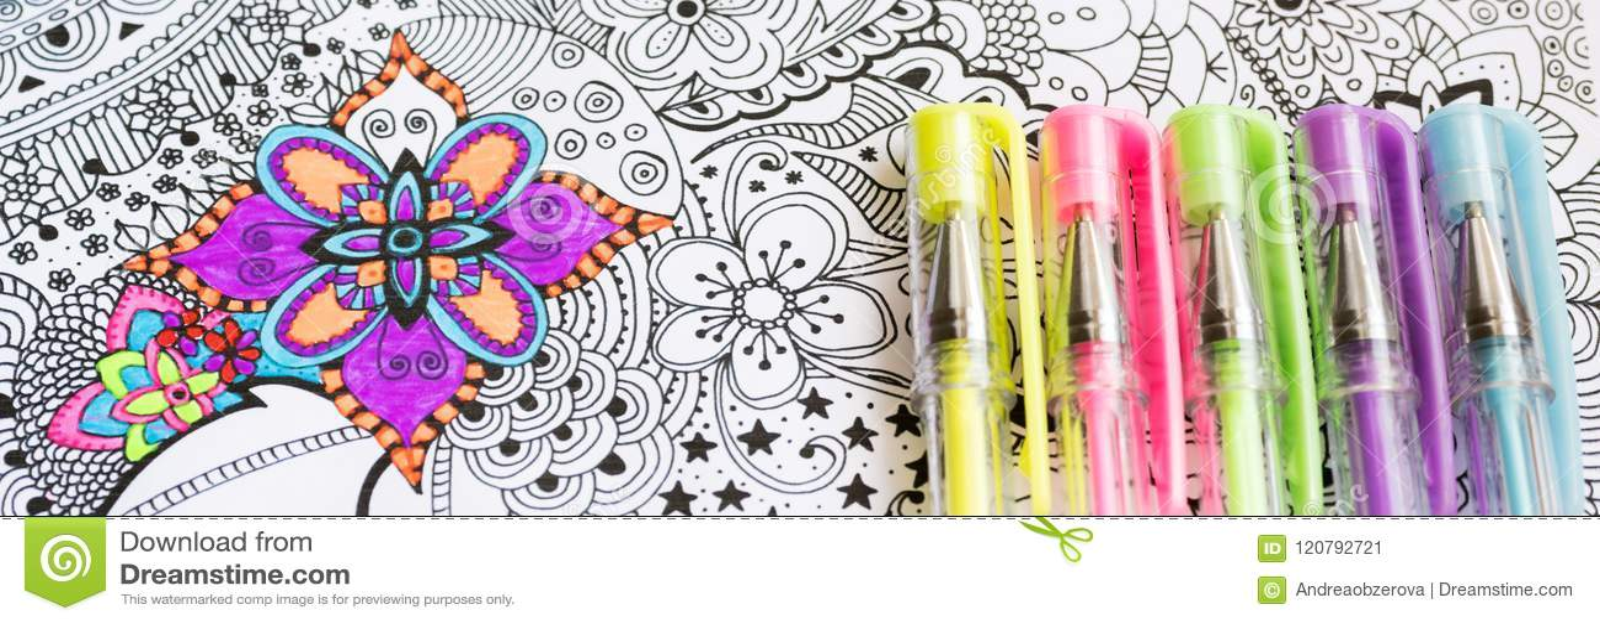 Libro da colorare adulto, nuova tendenza di alleviamento di sforzo Concetto di terapia, di salute mentale, di creatività e di con